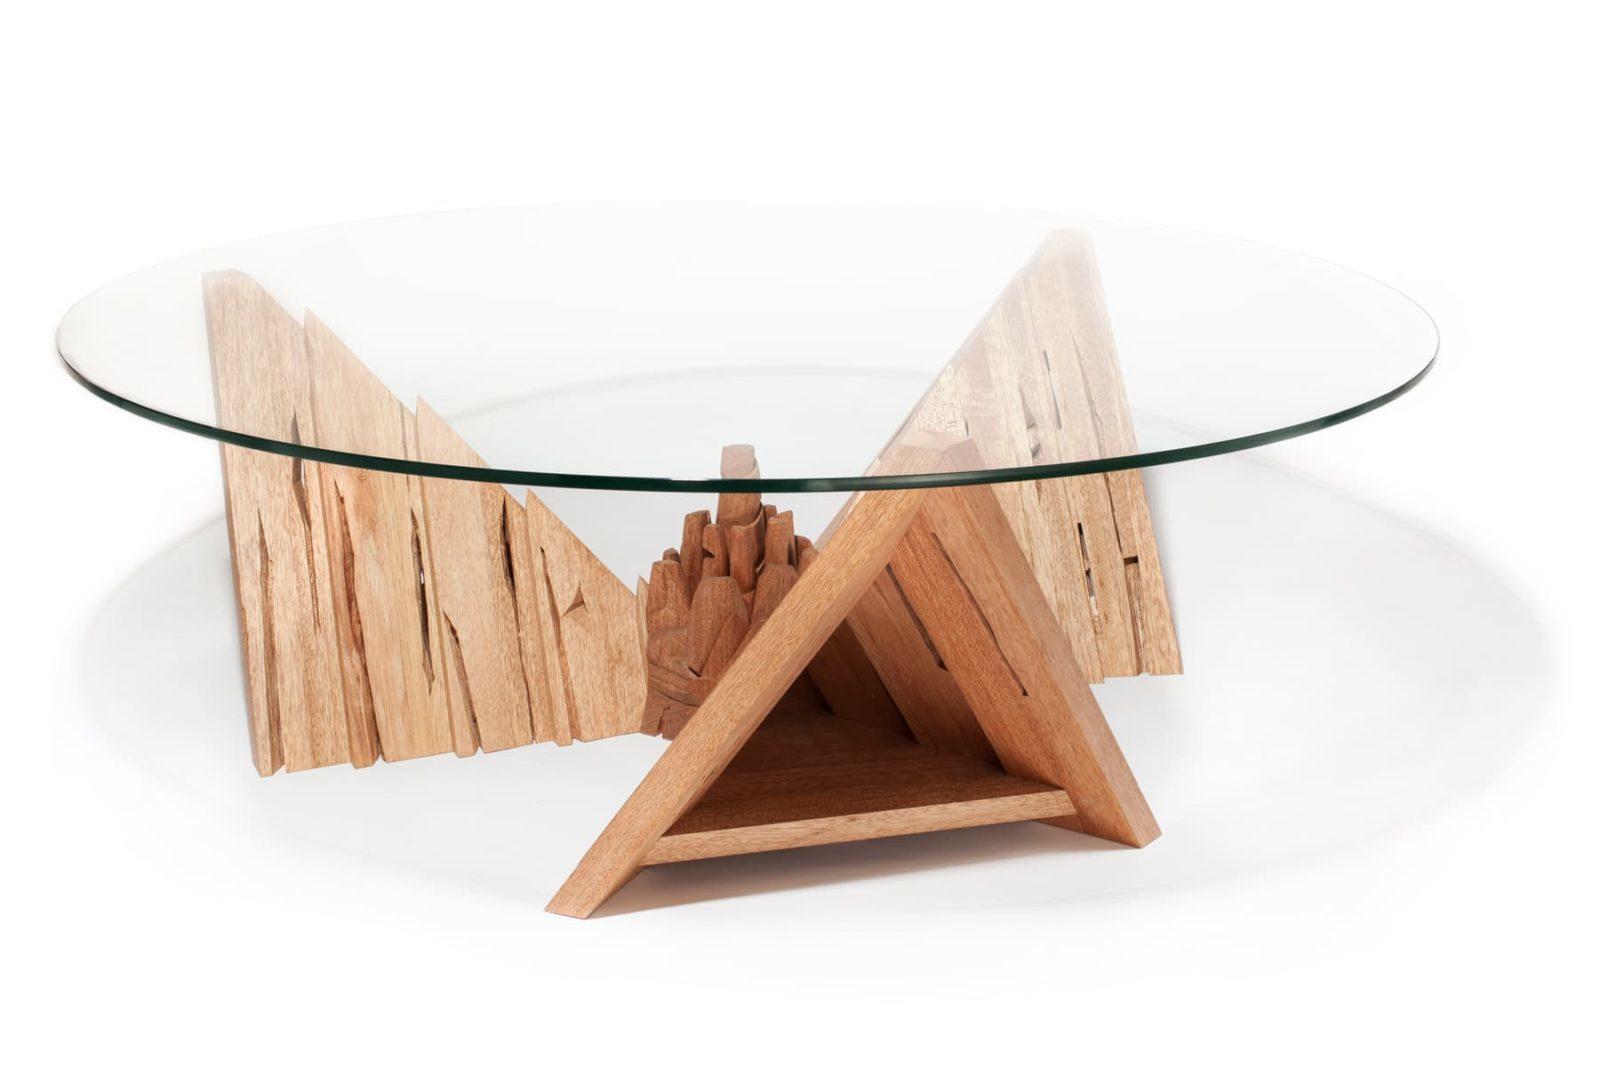 Sirope-proyectos-tuomas kuure-pieza1_6-1-estudio-agencia-creativa-branding